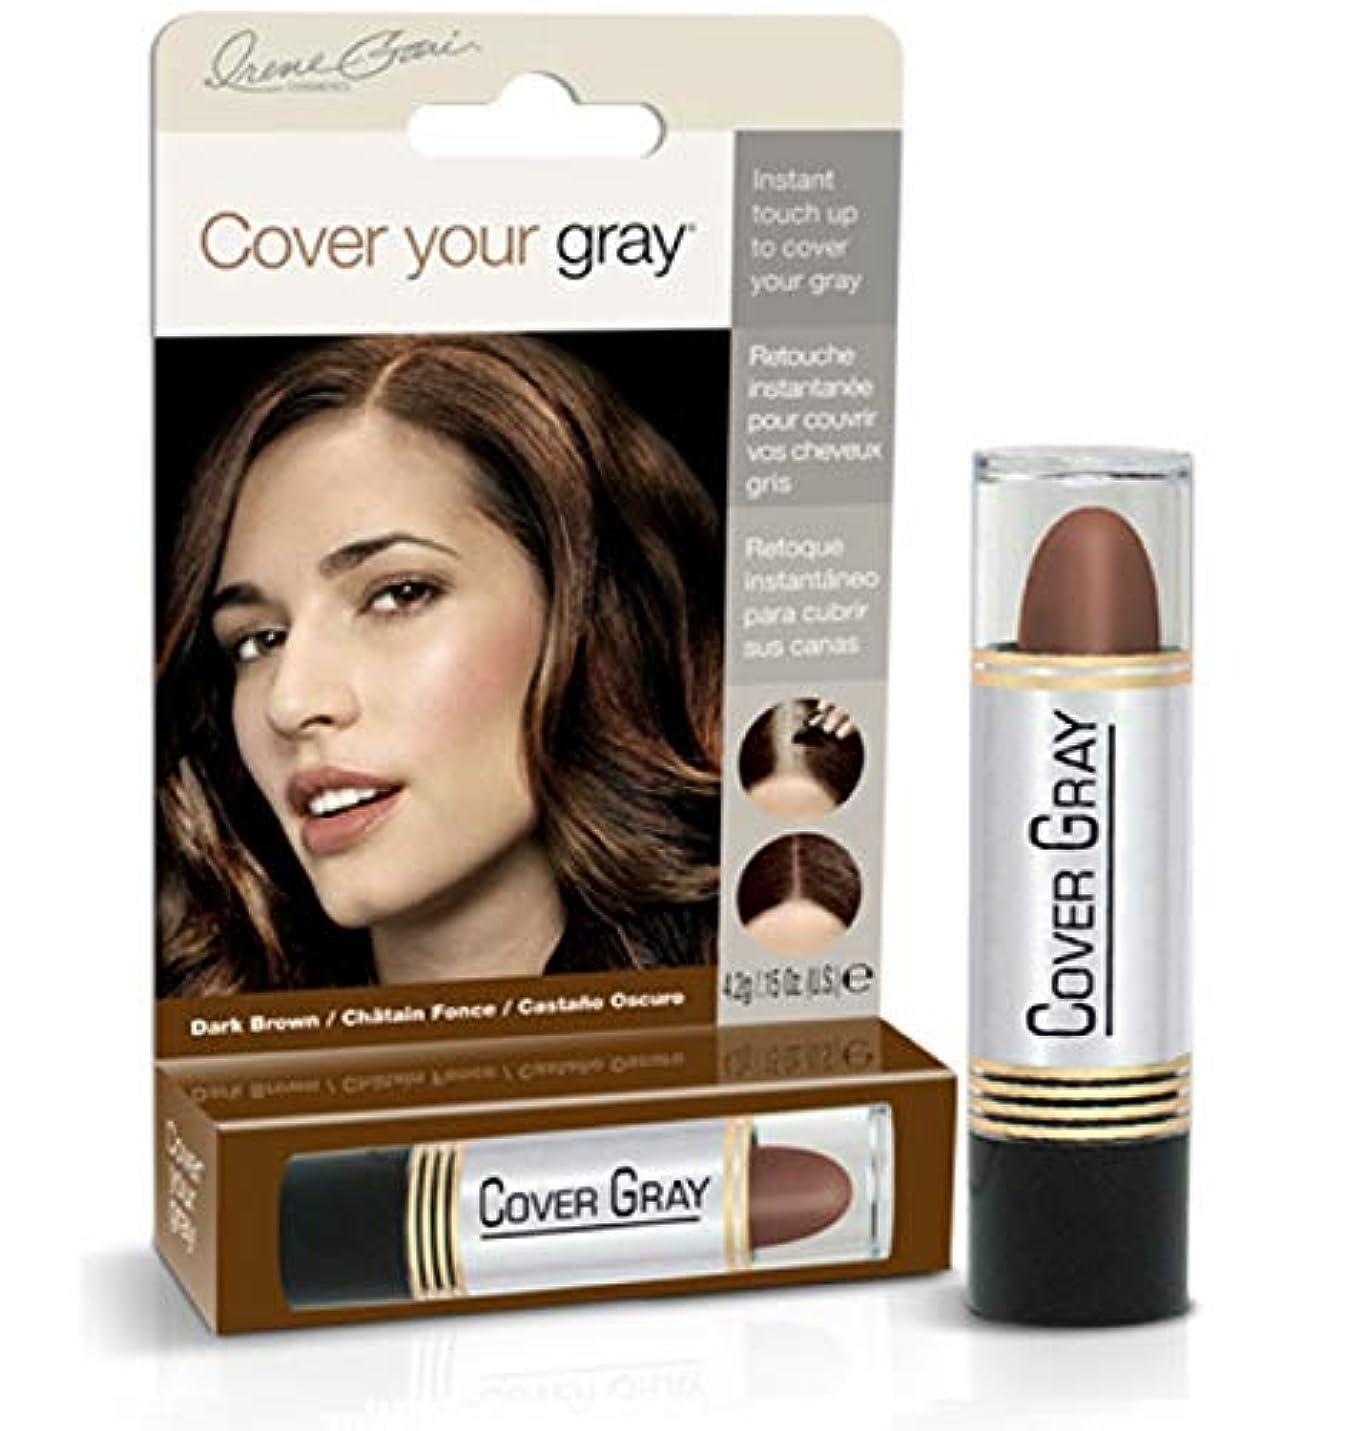 改革解体する集計Cover Your Gray Stick Dark Brown 44 ml. (Pack of 6) (並行輸入品)